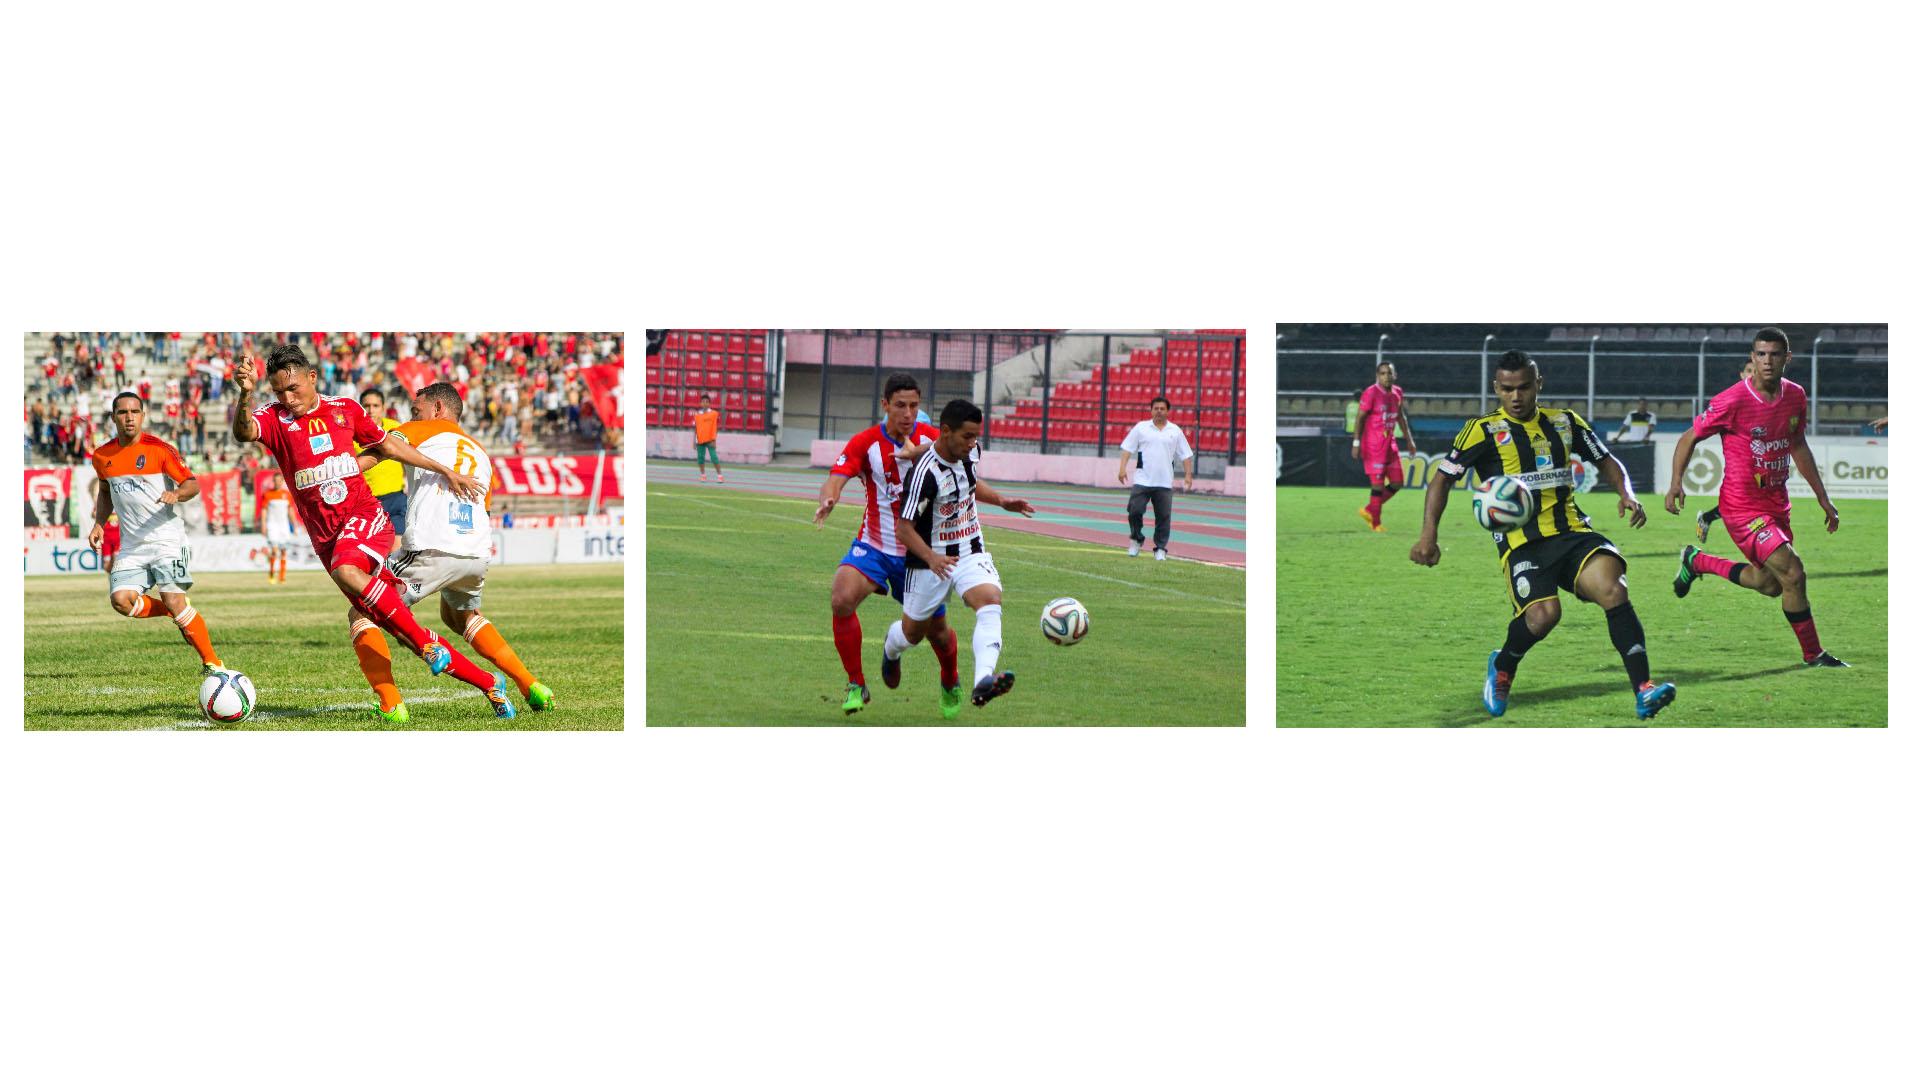 El campeón del fútbol criollo Zamora FC, el Caracas FC, Táchira, entre otros arrancan como favoritos en el certamen